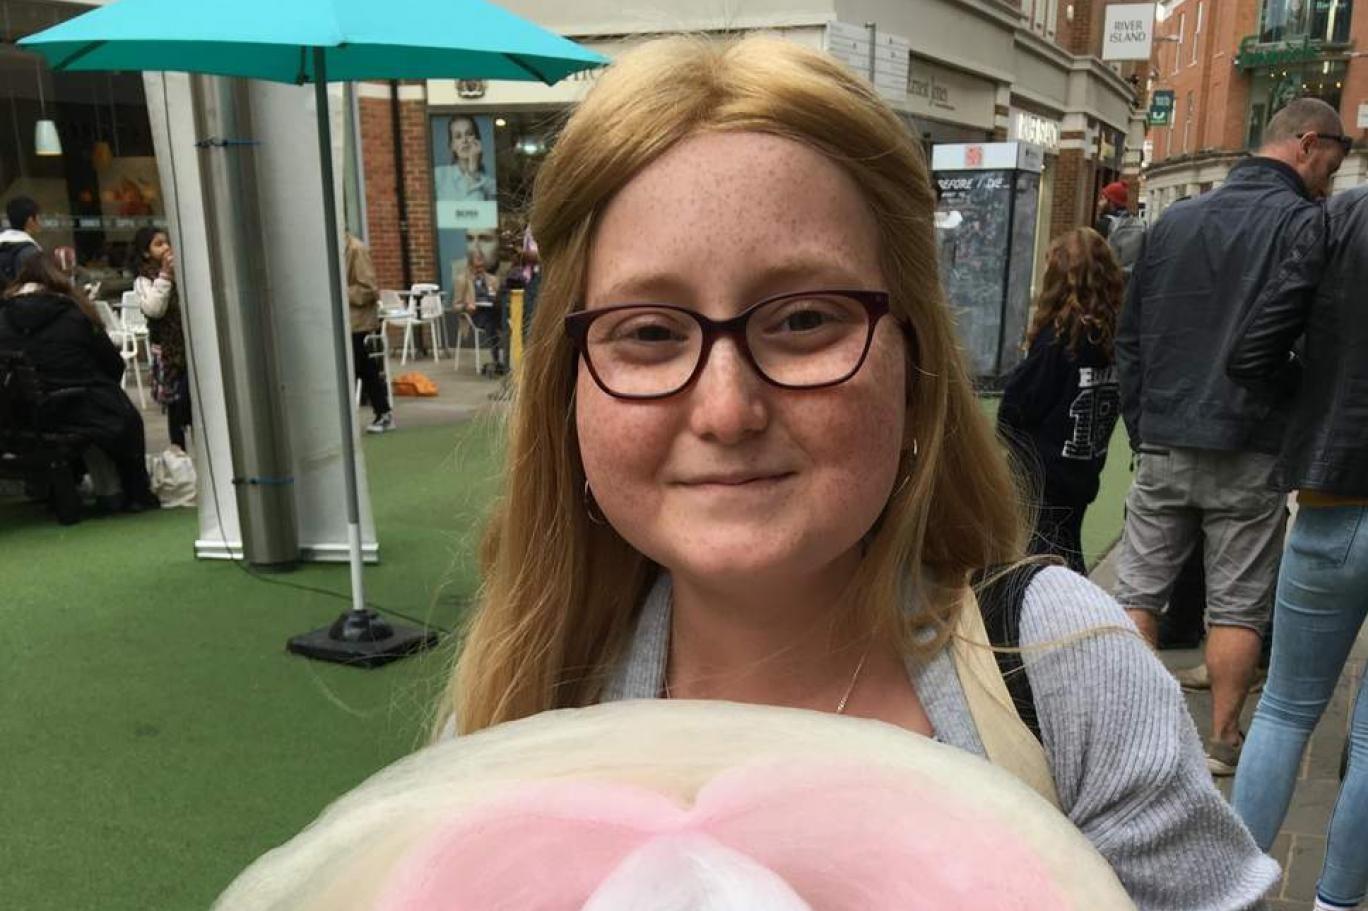 شابة بريطانية هي الأولى عالميا بالشفاء من عدوى بكتيريا خارقة بعلاج قوامه فيروسات معدلة وراثيا